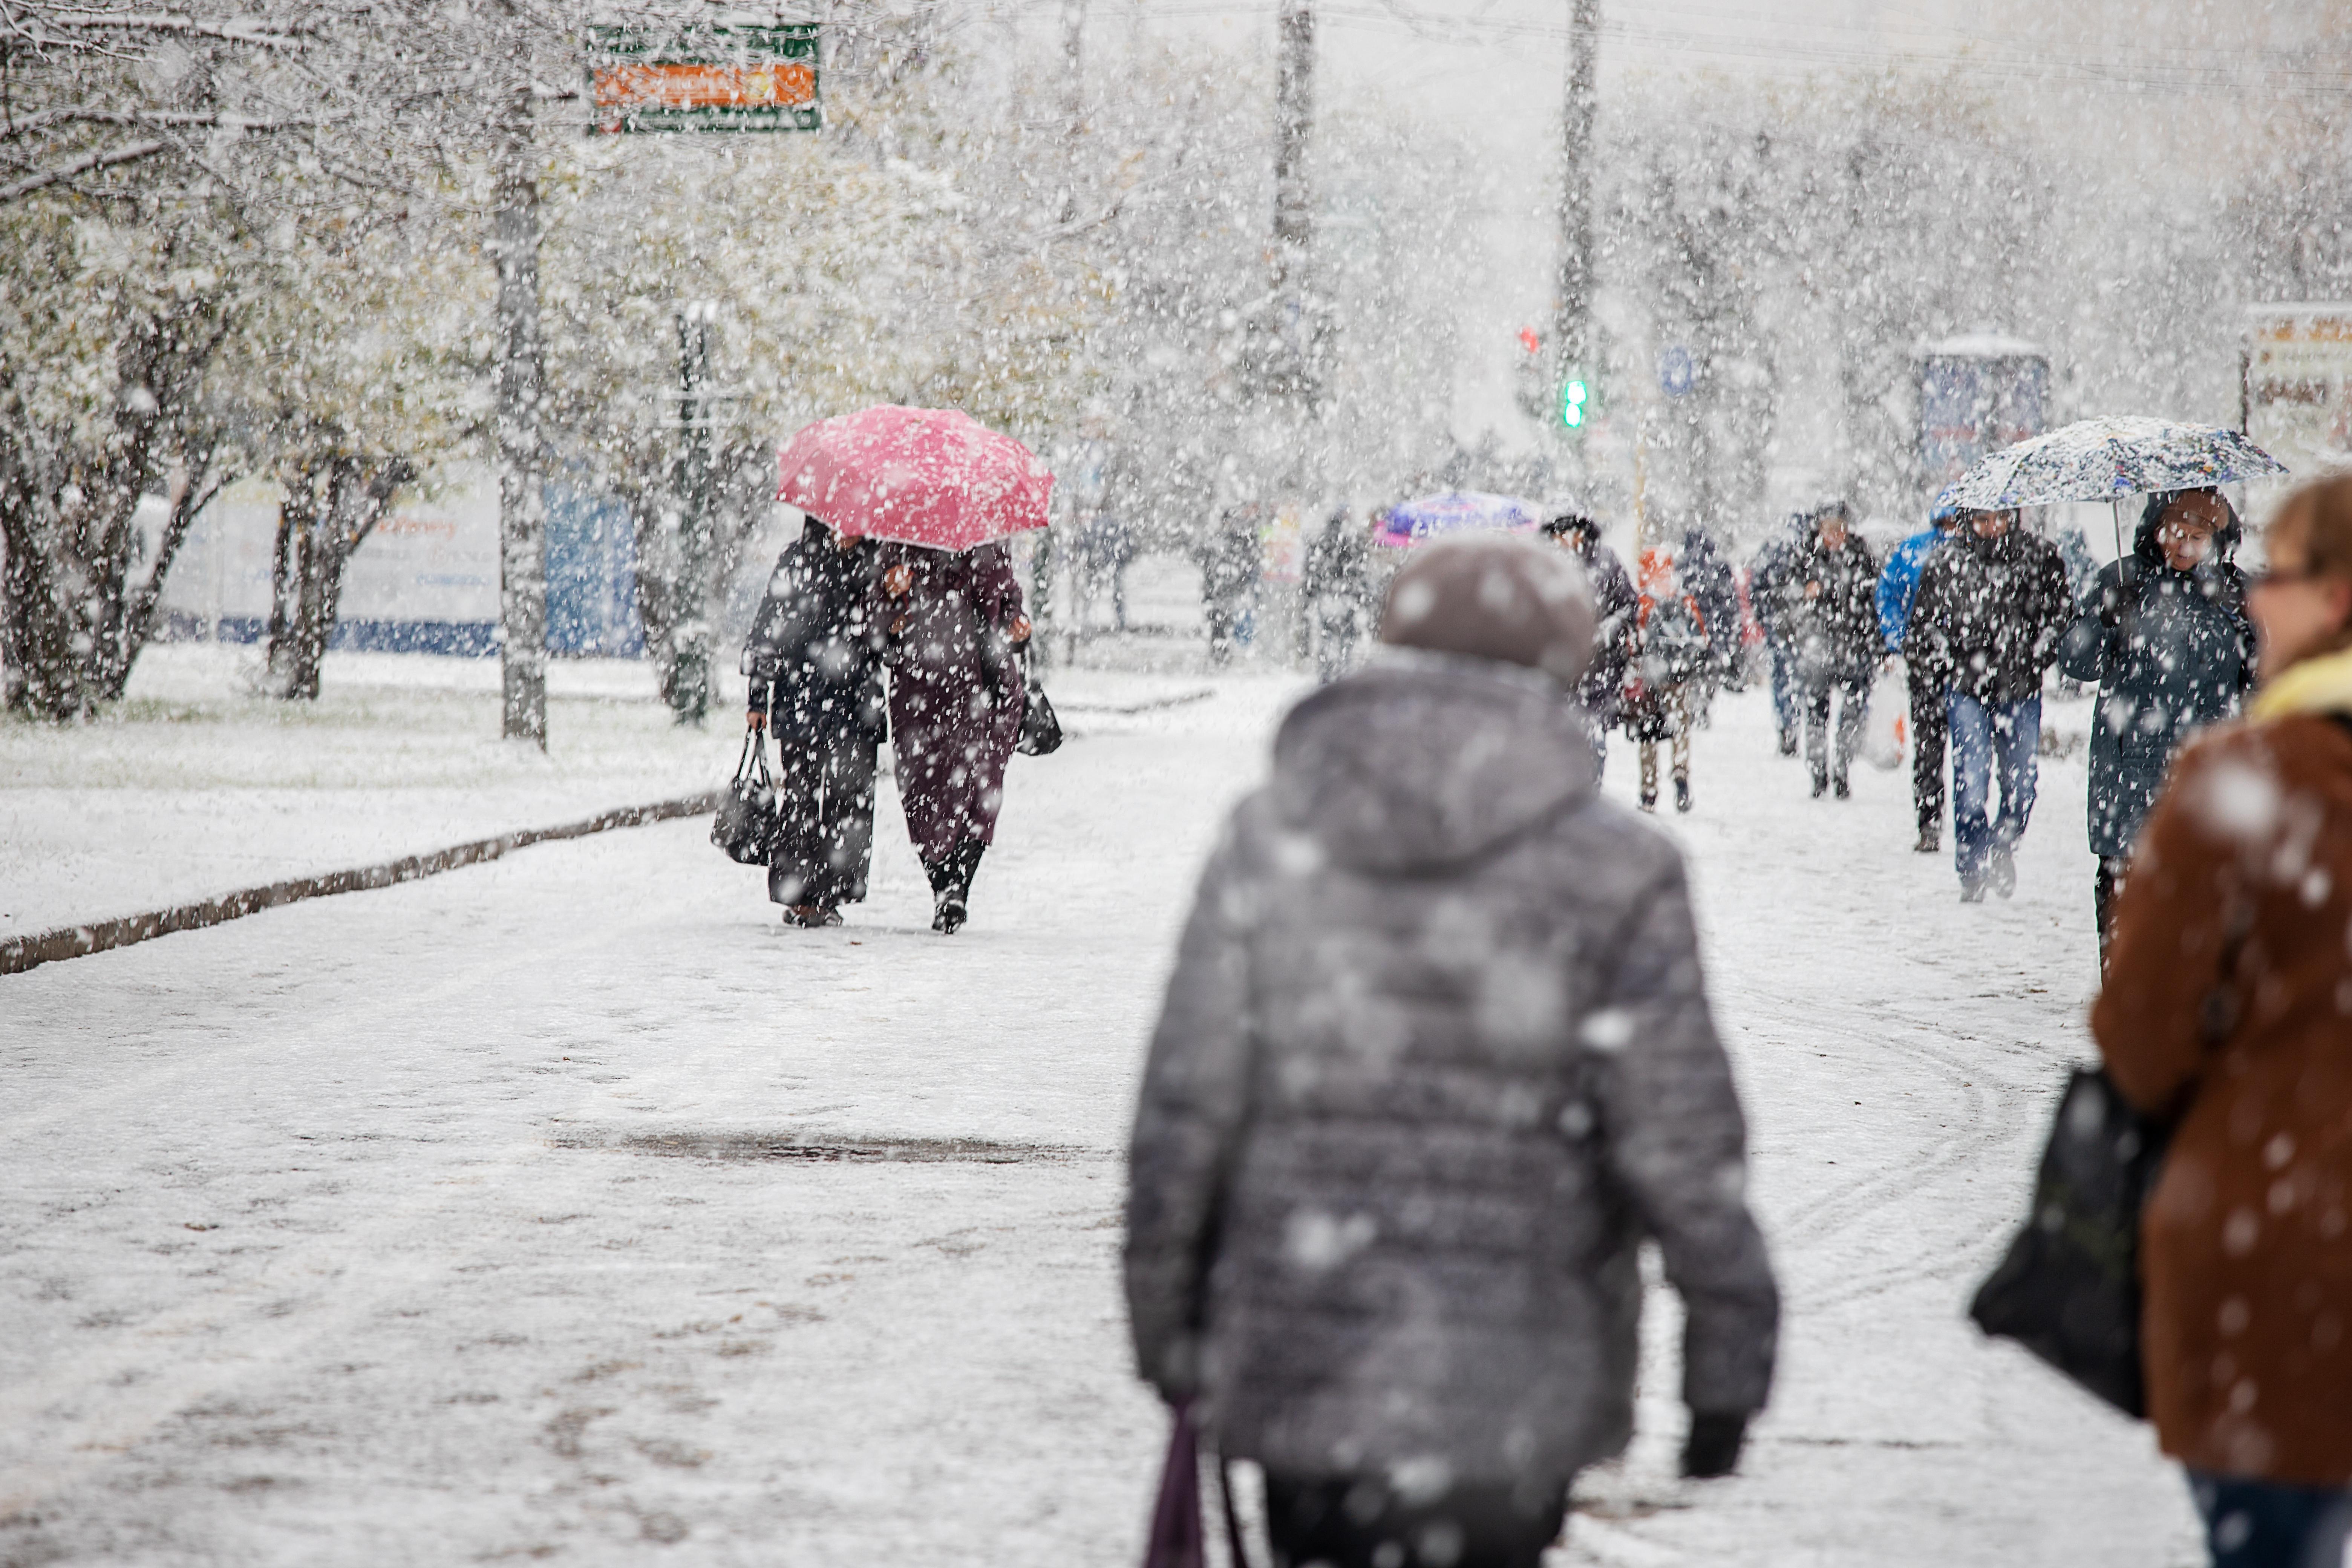 Alertă ANM! Fenomen rar în capitala României. Se anunță ninsori și posibile descărcări electrice, în același timp